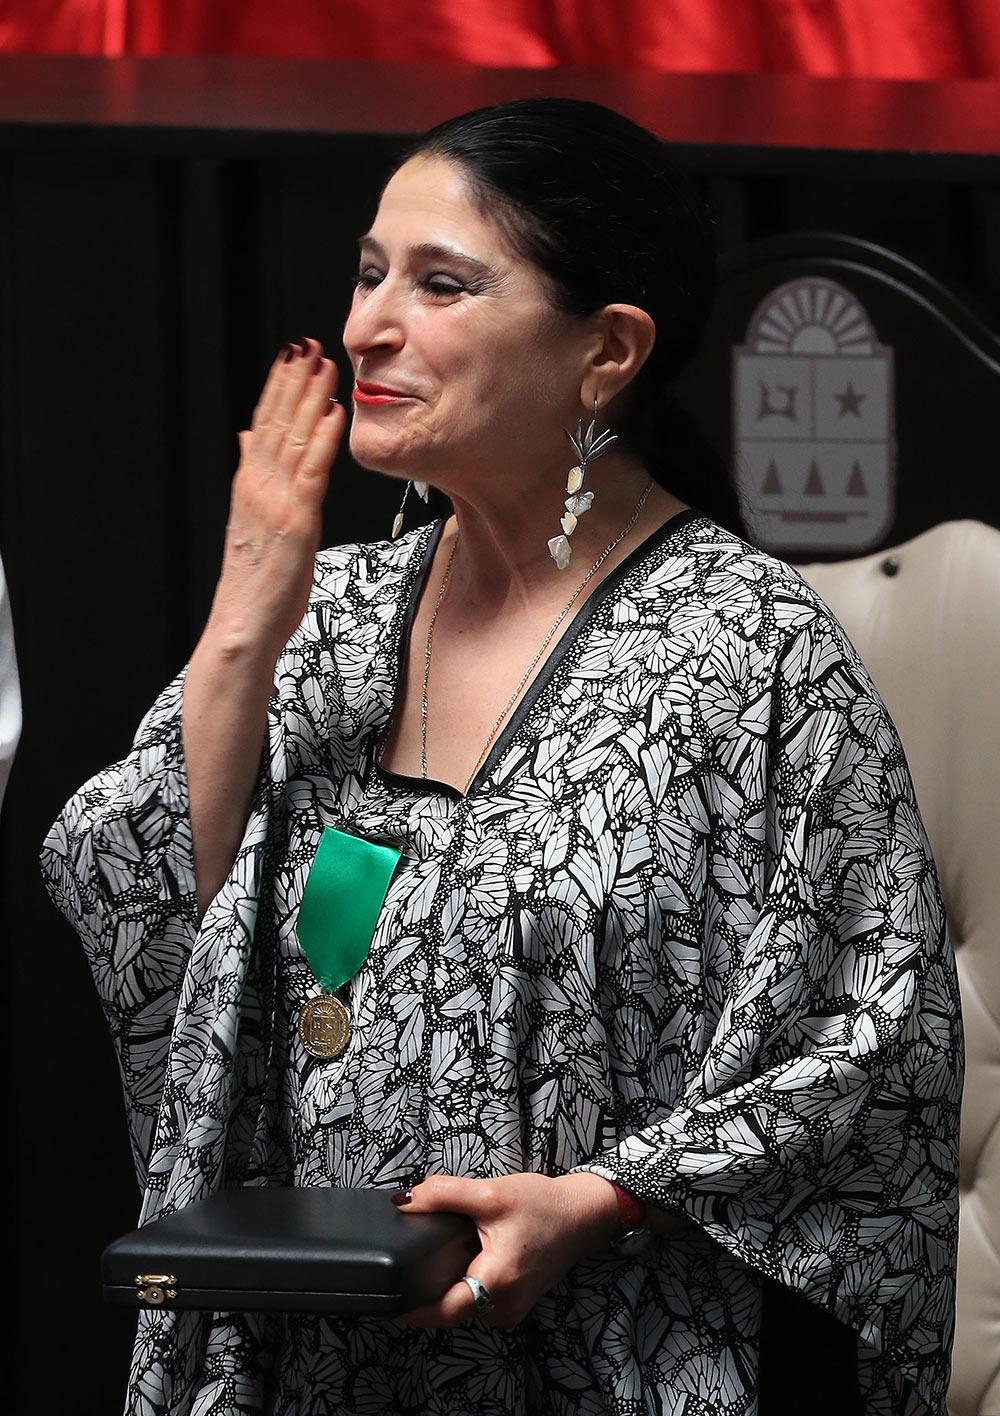 Dan reconocimiento en Chetumal a la actriz y cantante Astrid Hadad